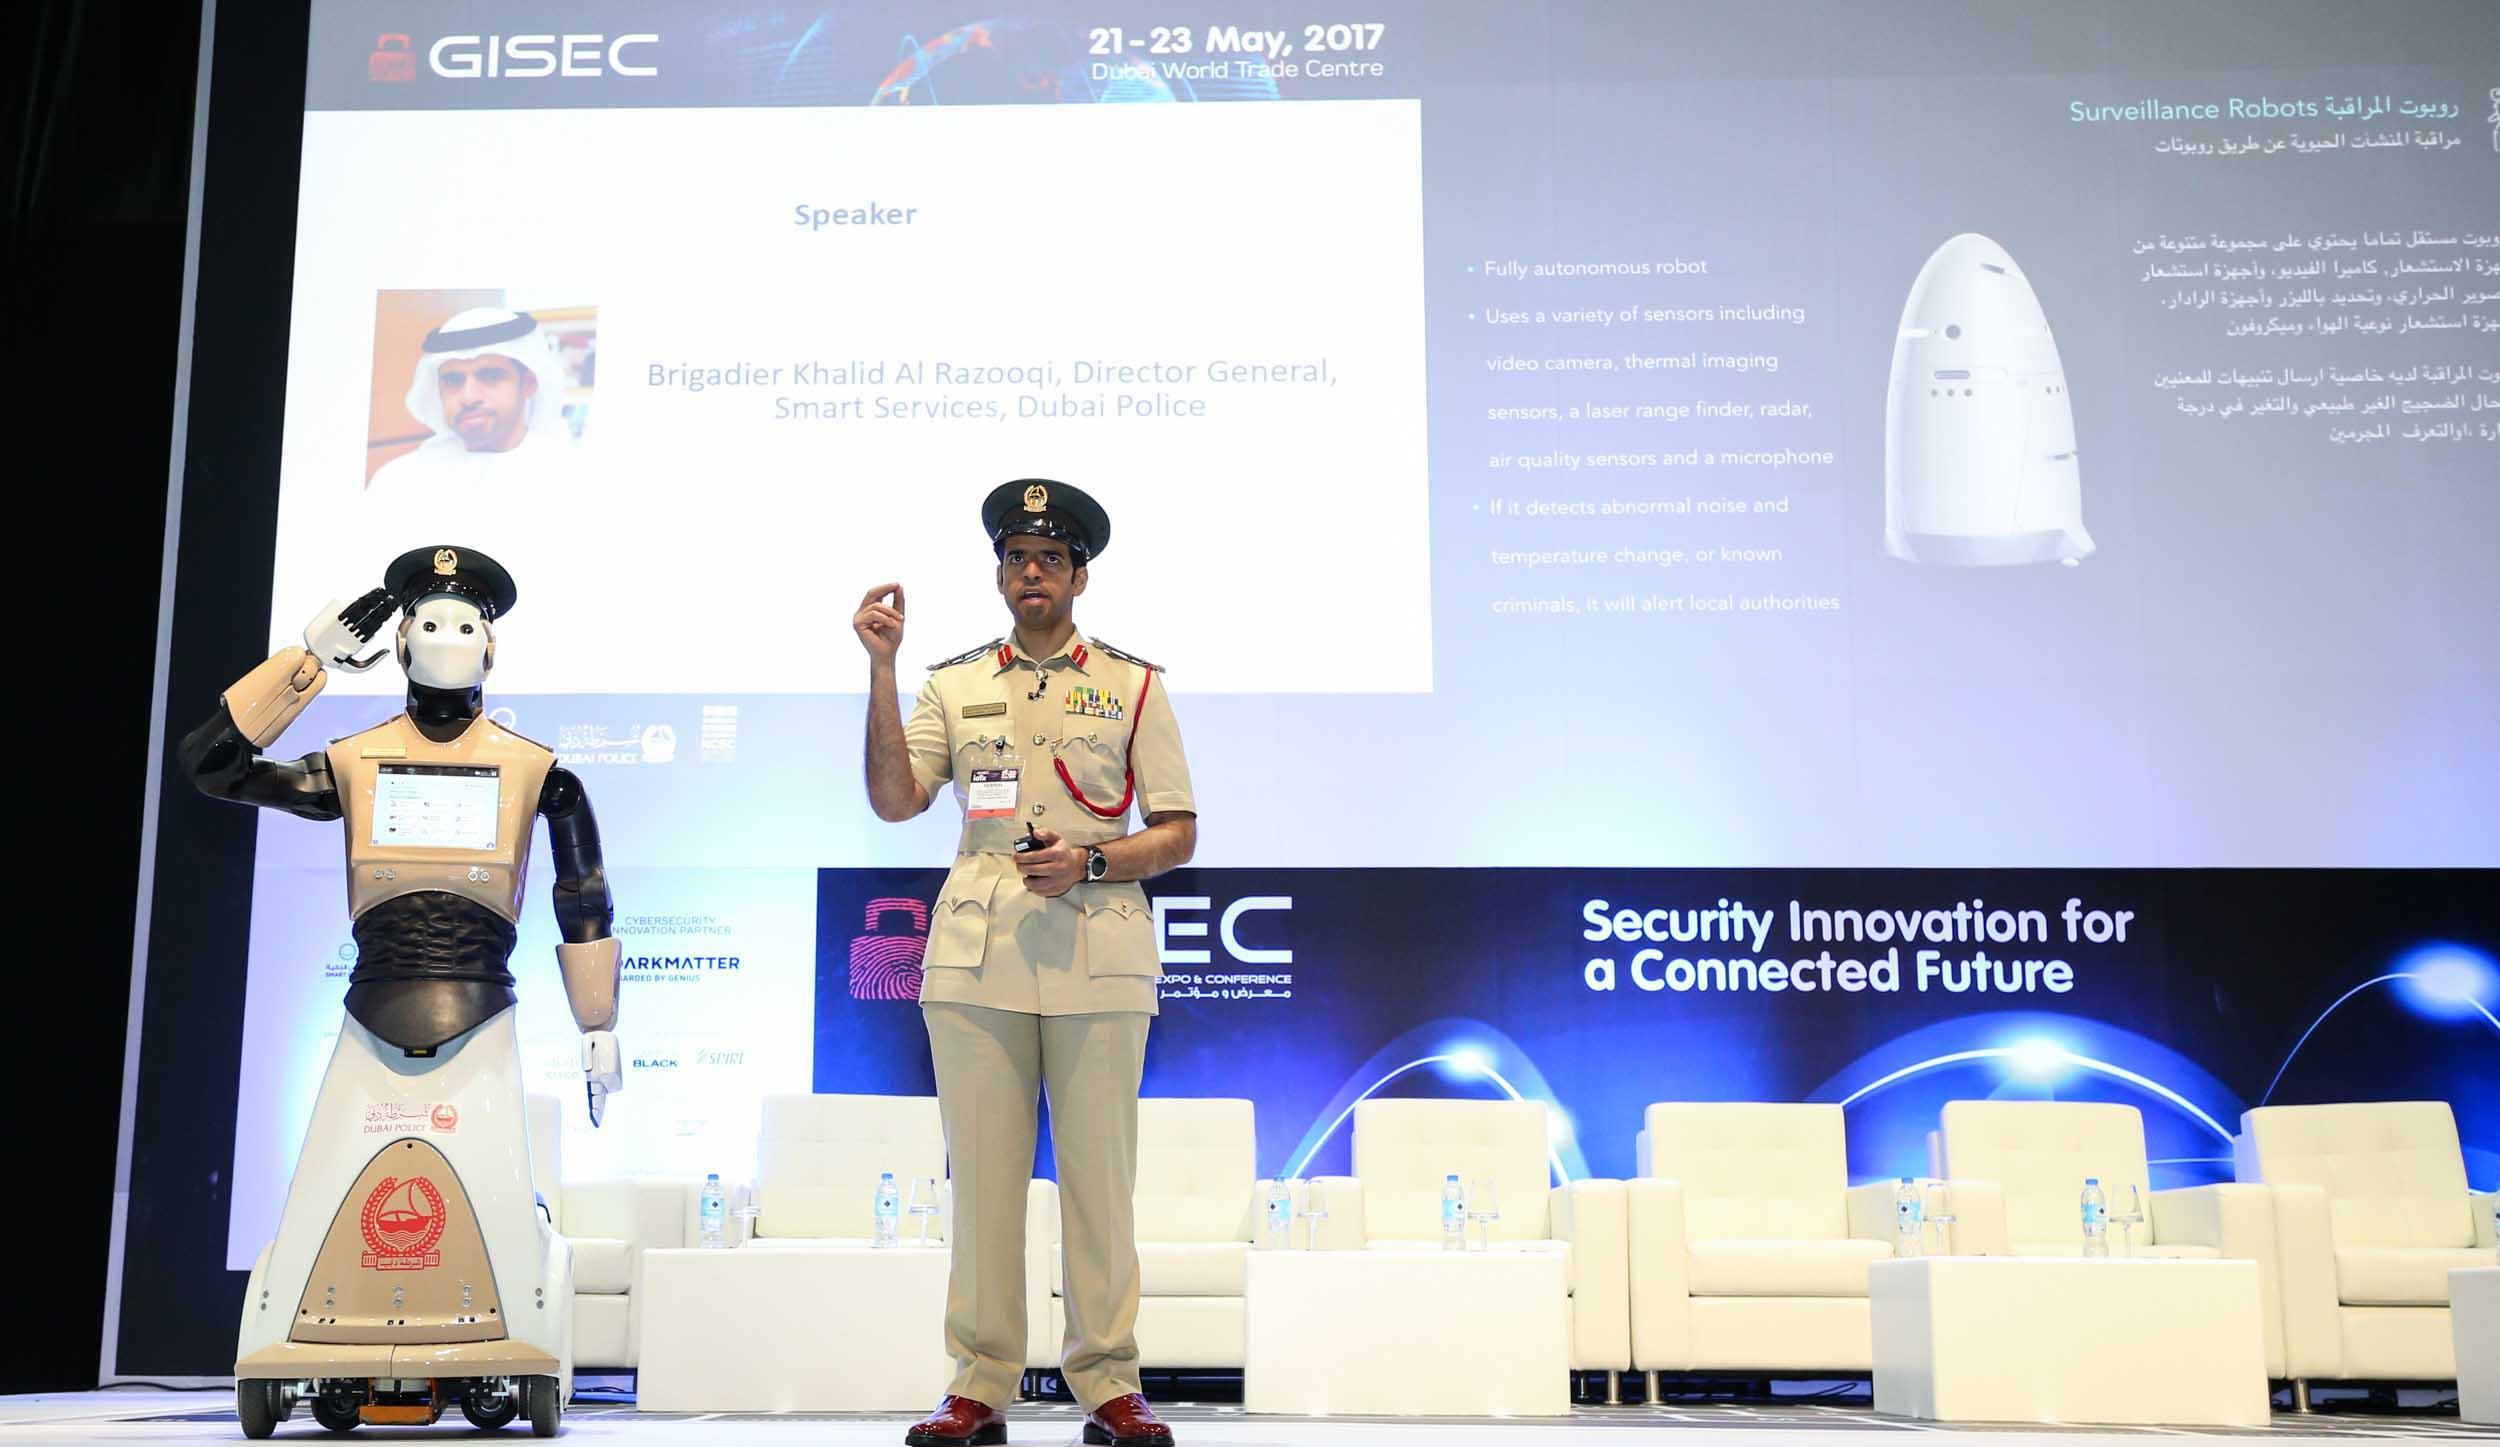 انضمام أول شرطي آلي إلى شرطة دبي 1